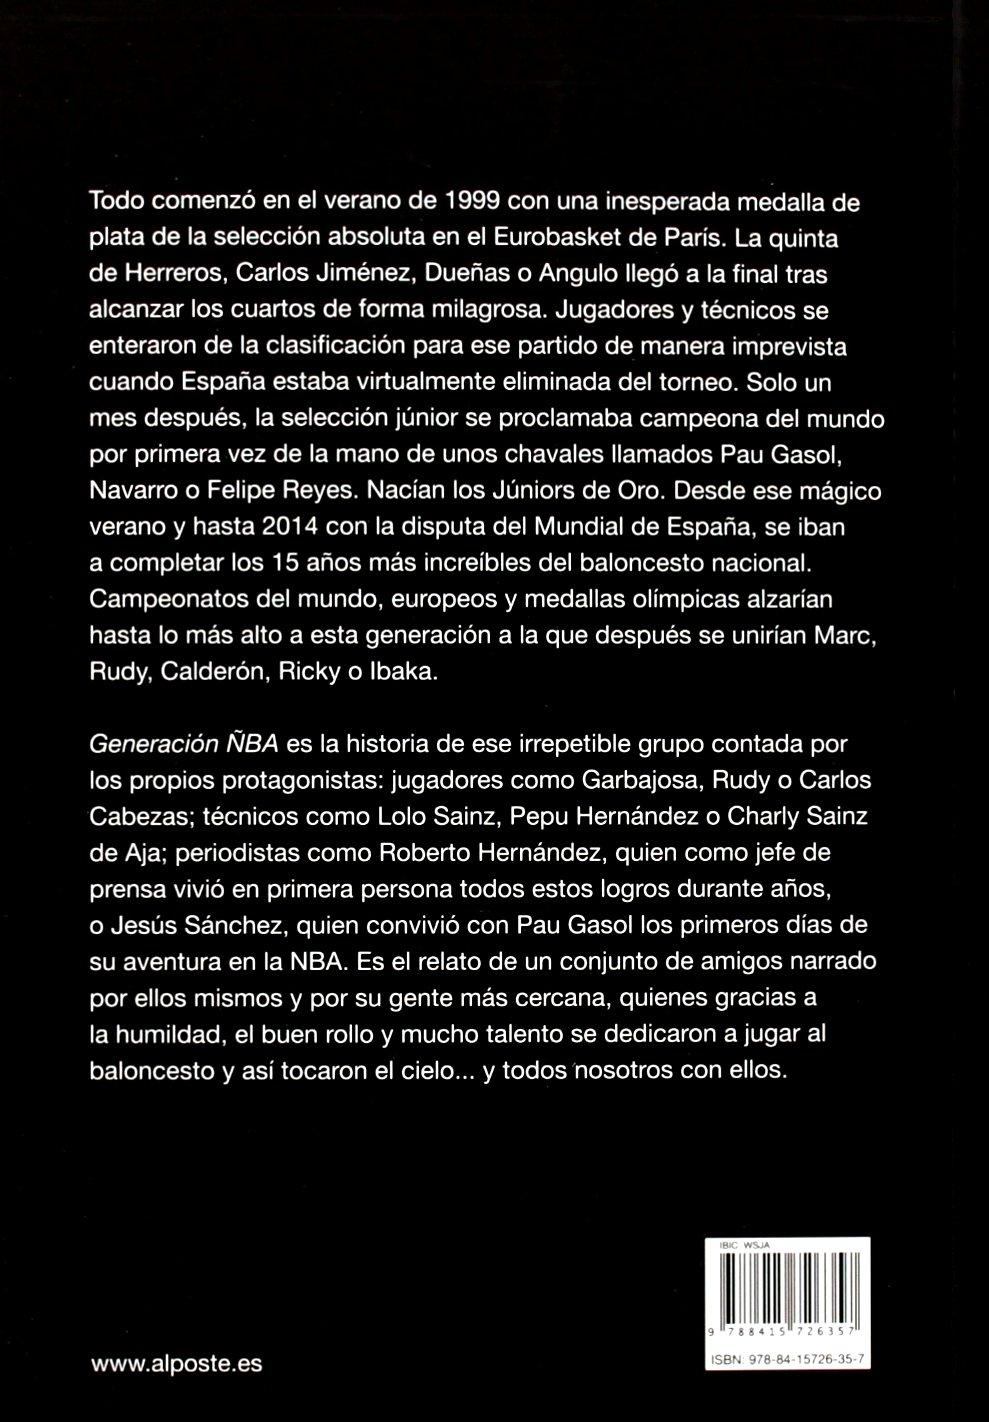 Generación ÑBA (DEPORTES - FUTBOL): Amazon.es: Antonio Sánchez: Libros